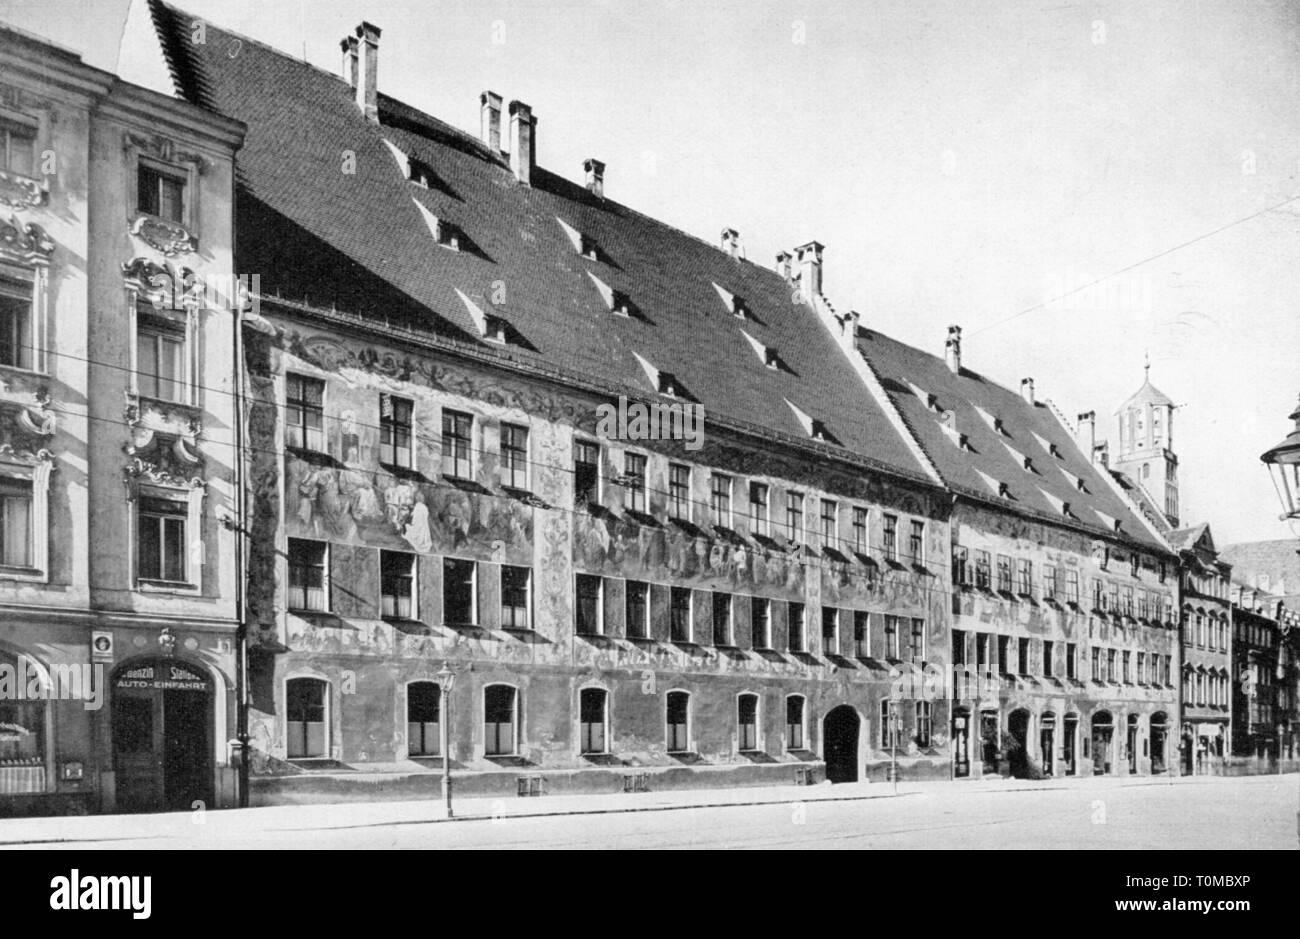 Geografía / viajes, Alemania, Augsburg, la construcción, la Casa Fugger, Vista exterior, impresión tras fotografiar por Fritz Hoefle, circa 1905, Additional-Rights-Clearance-Info-Not-Available Foto de stock